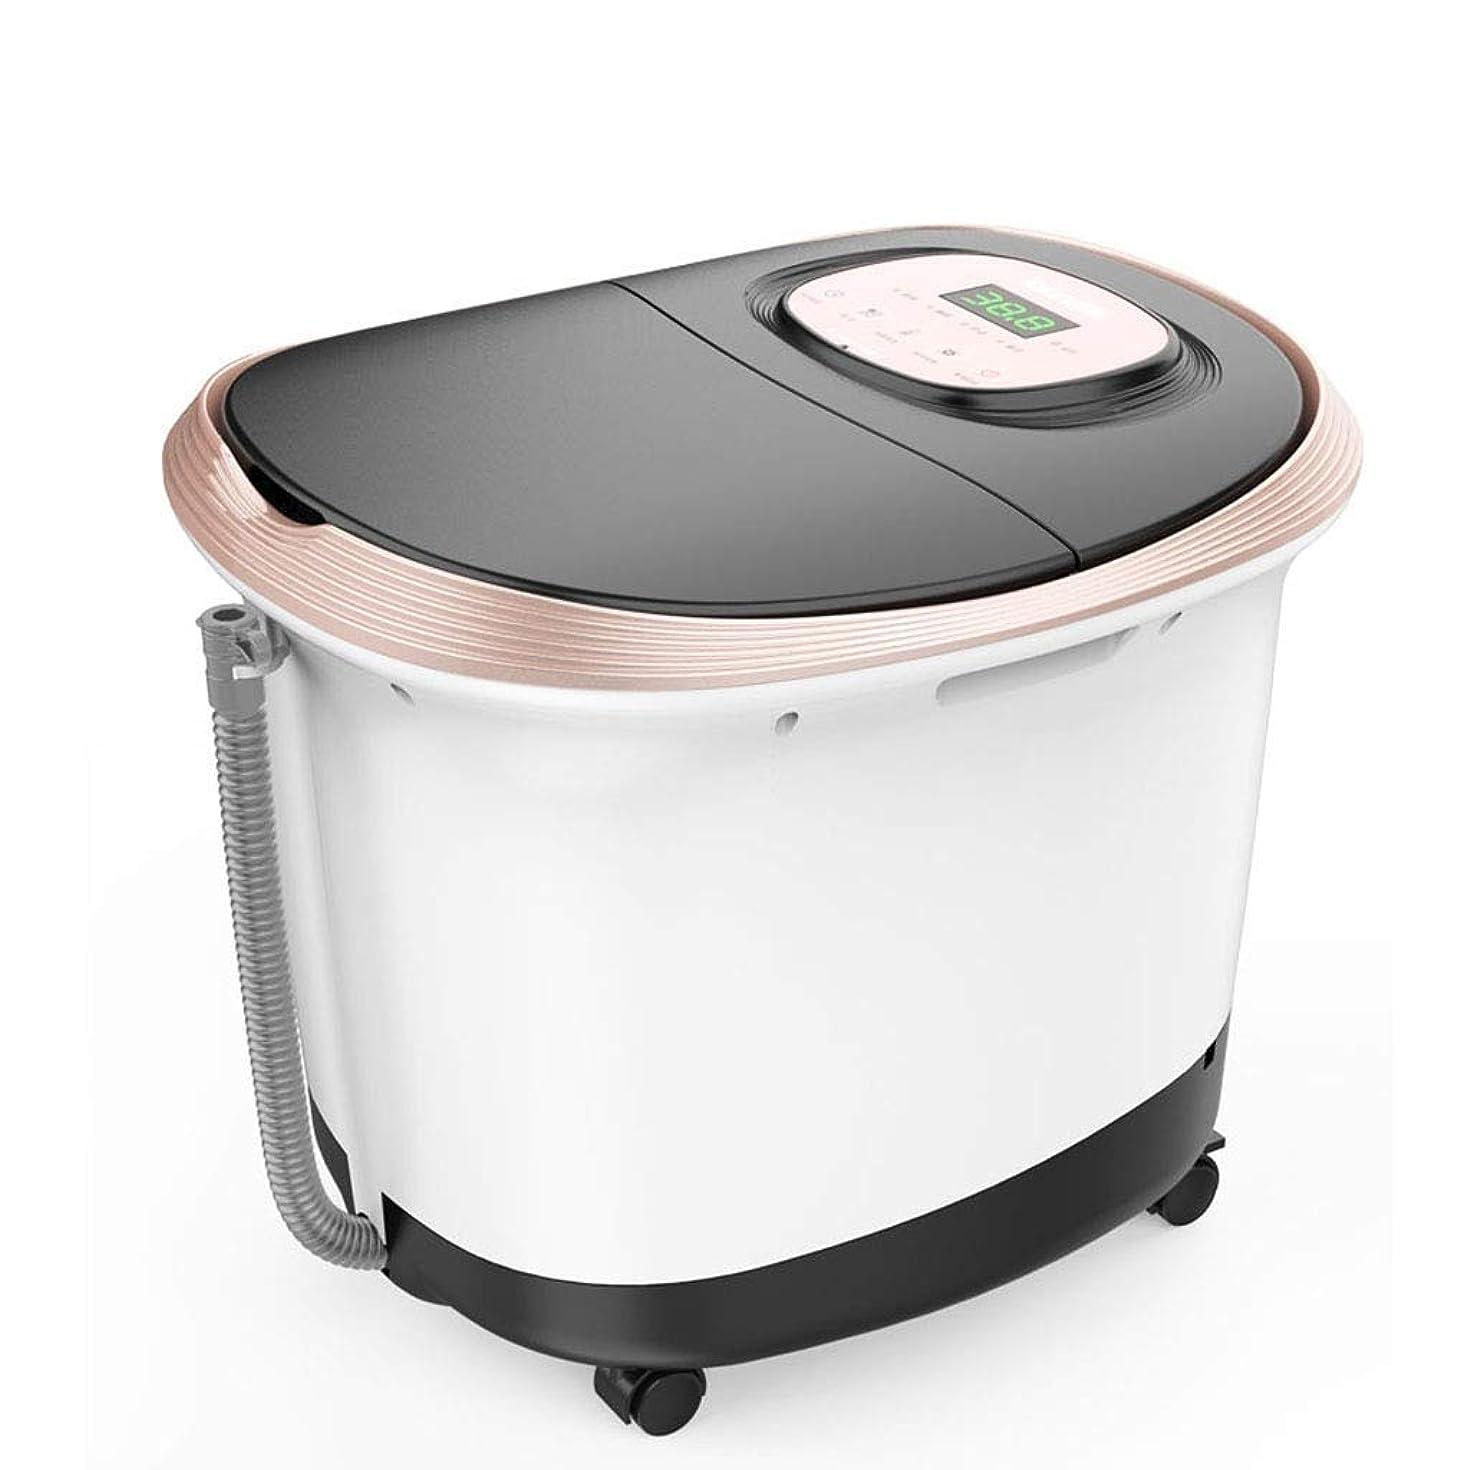 リング思想コミットZyp2019 健康足浴槽自動電気マッサージ暖房家ディープフットバスフットバス